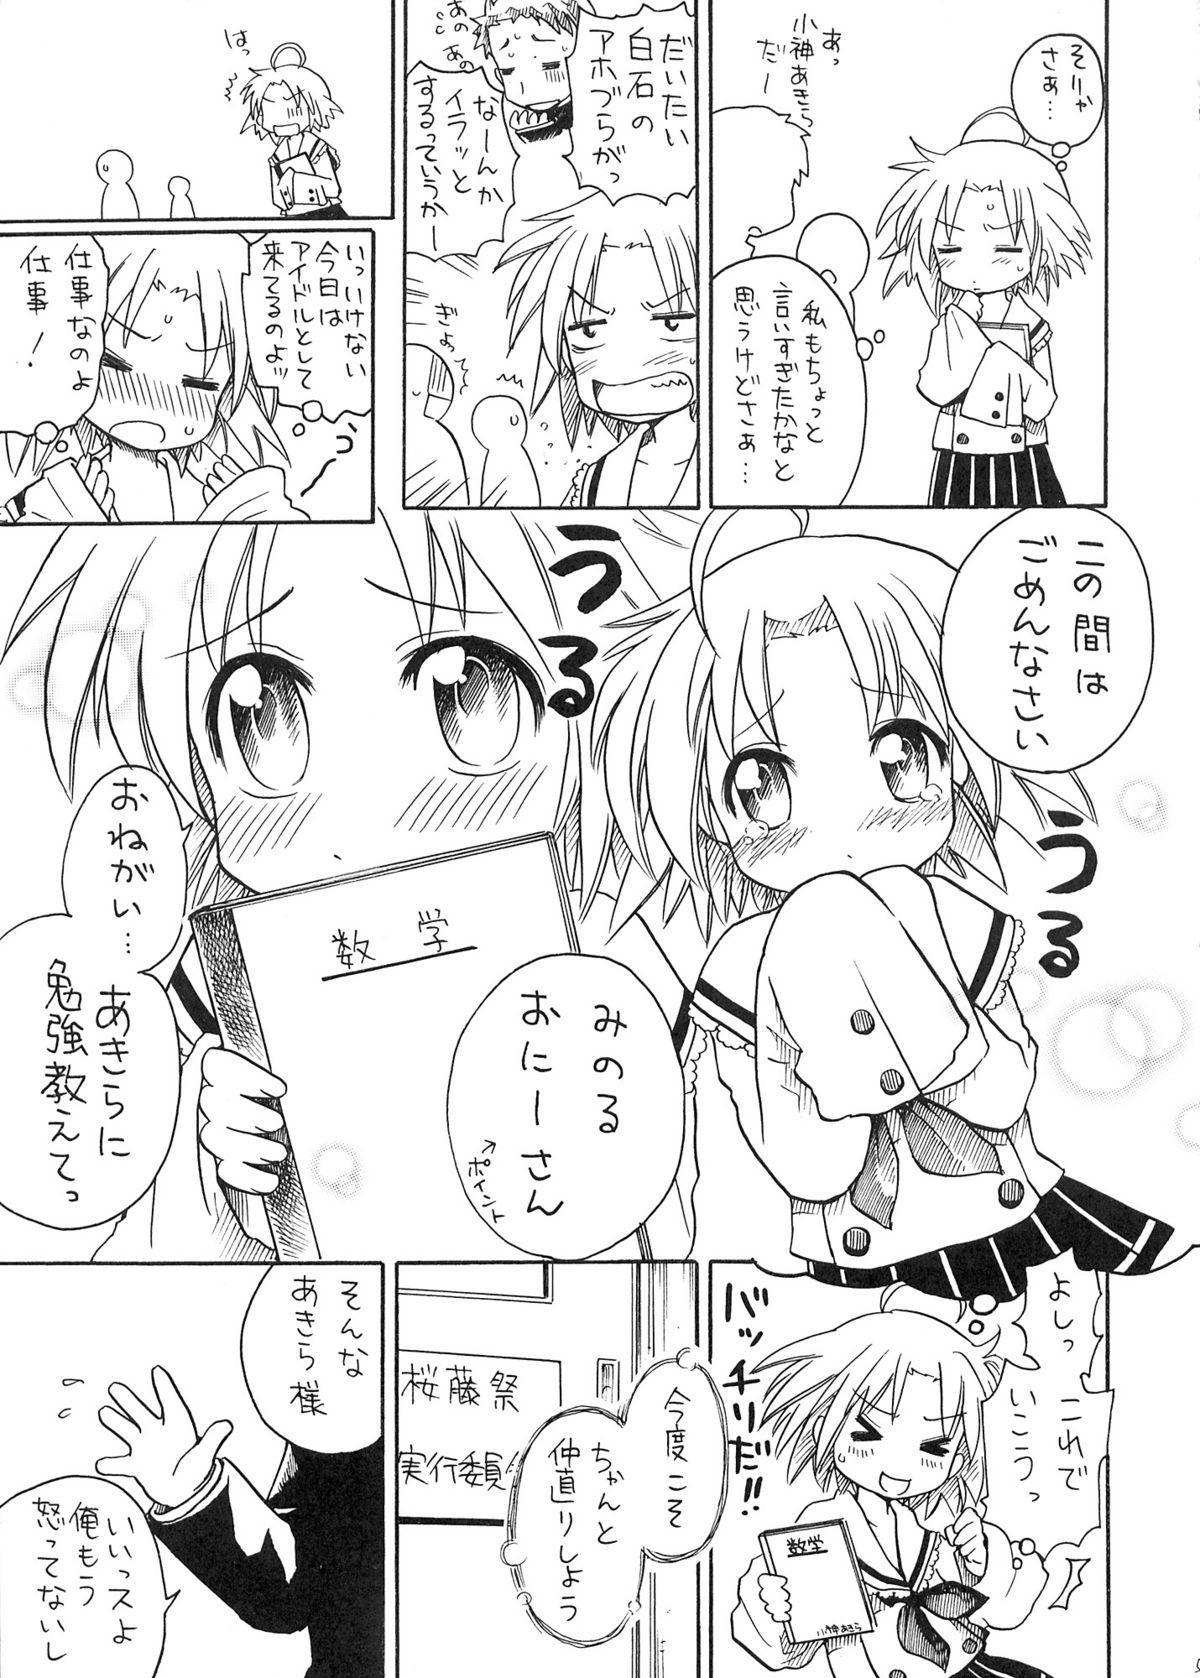 Akira-sama no Yuuutsu 4